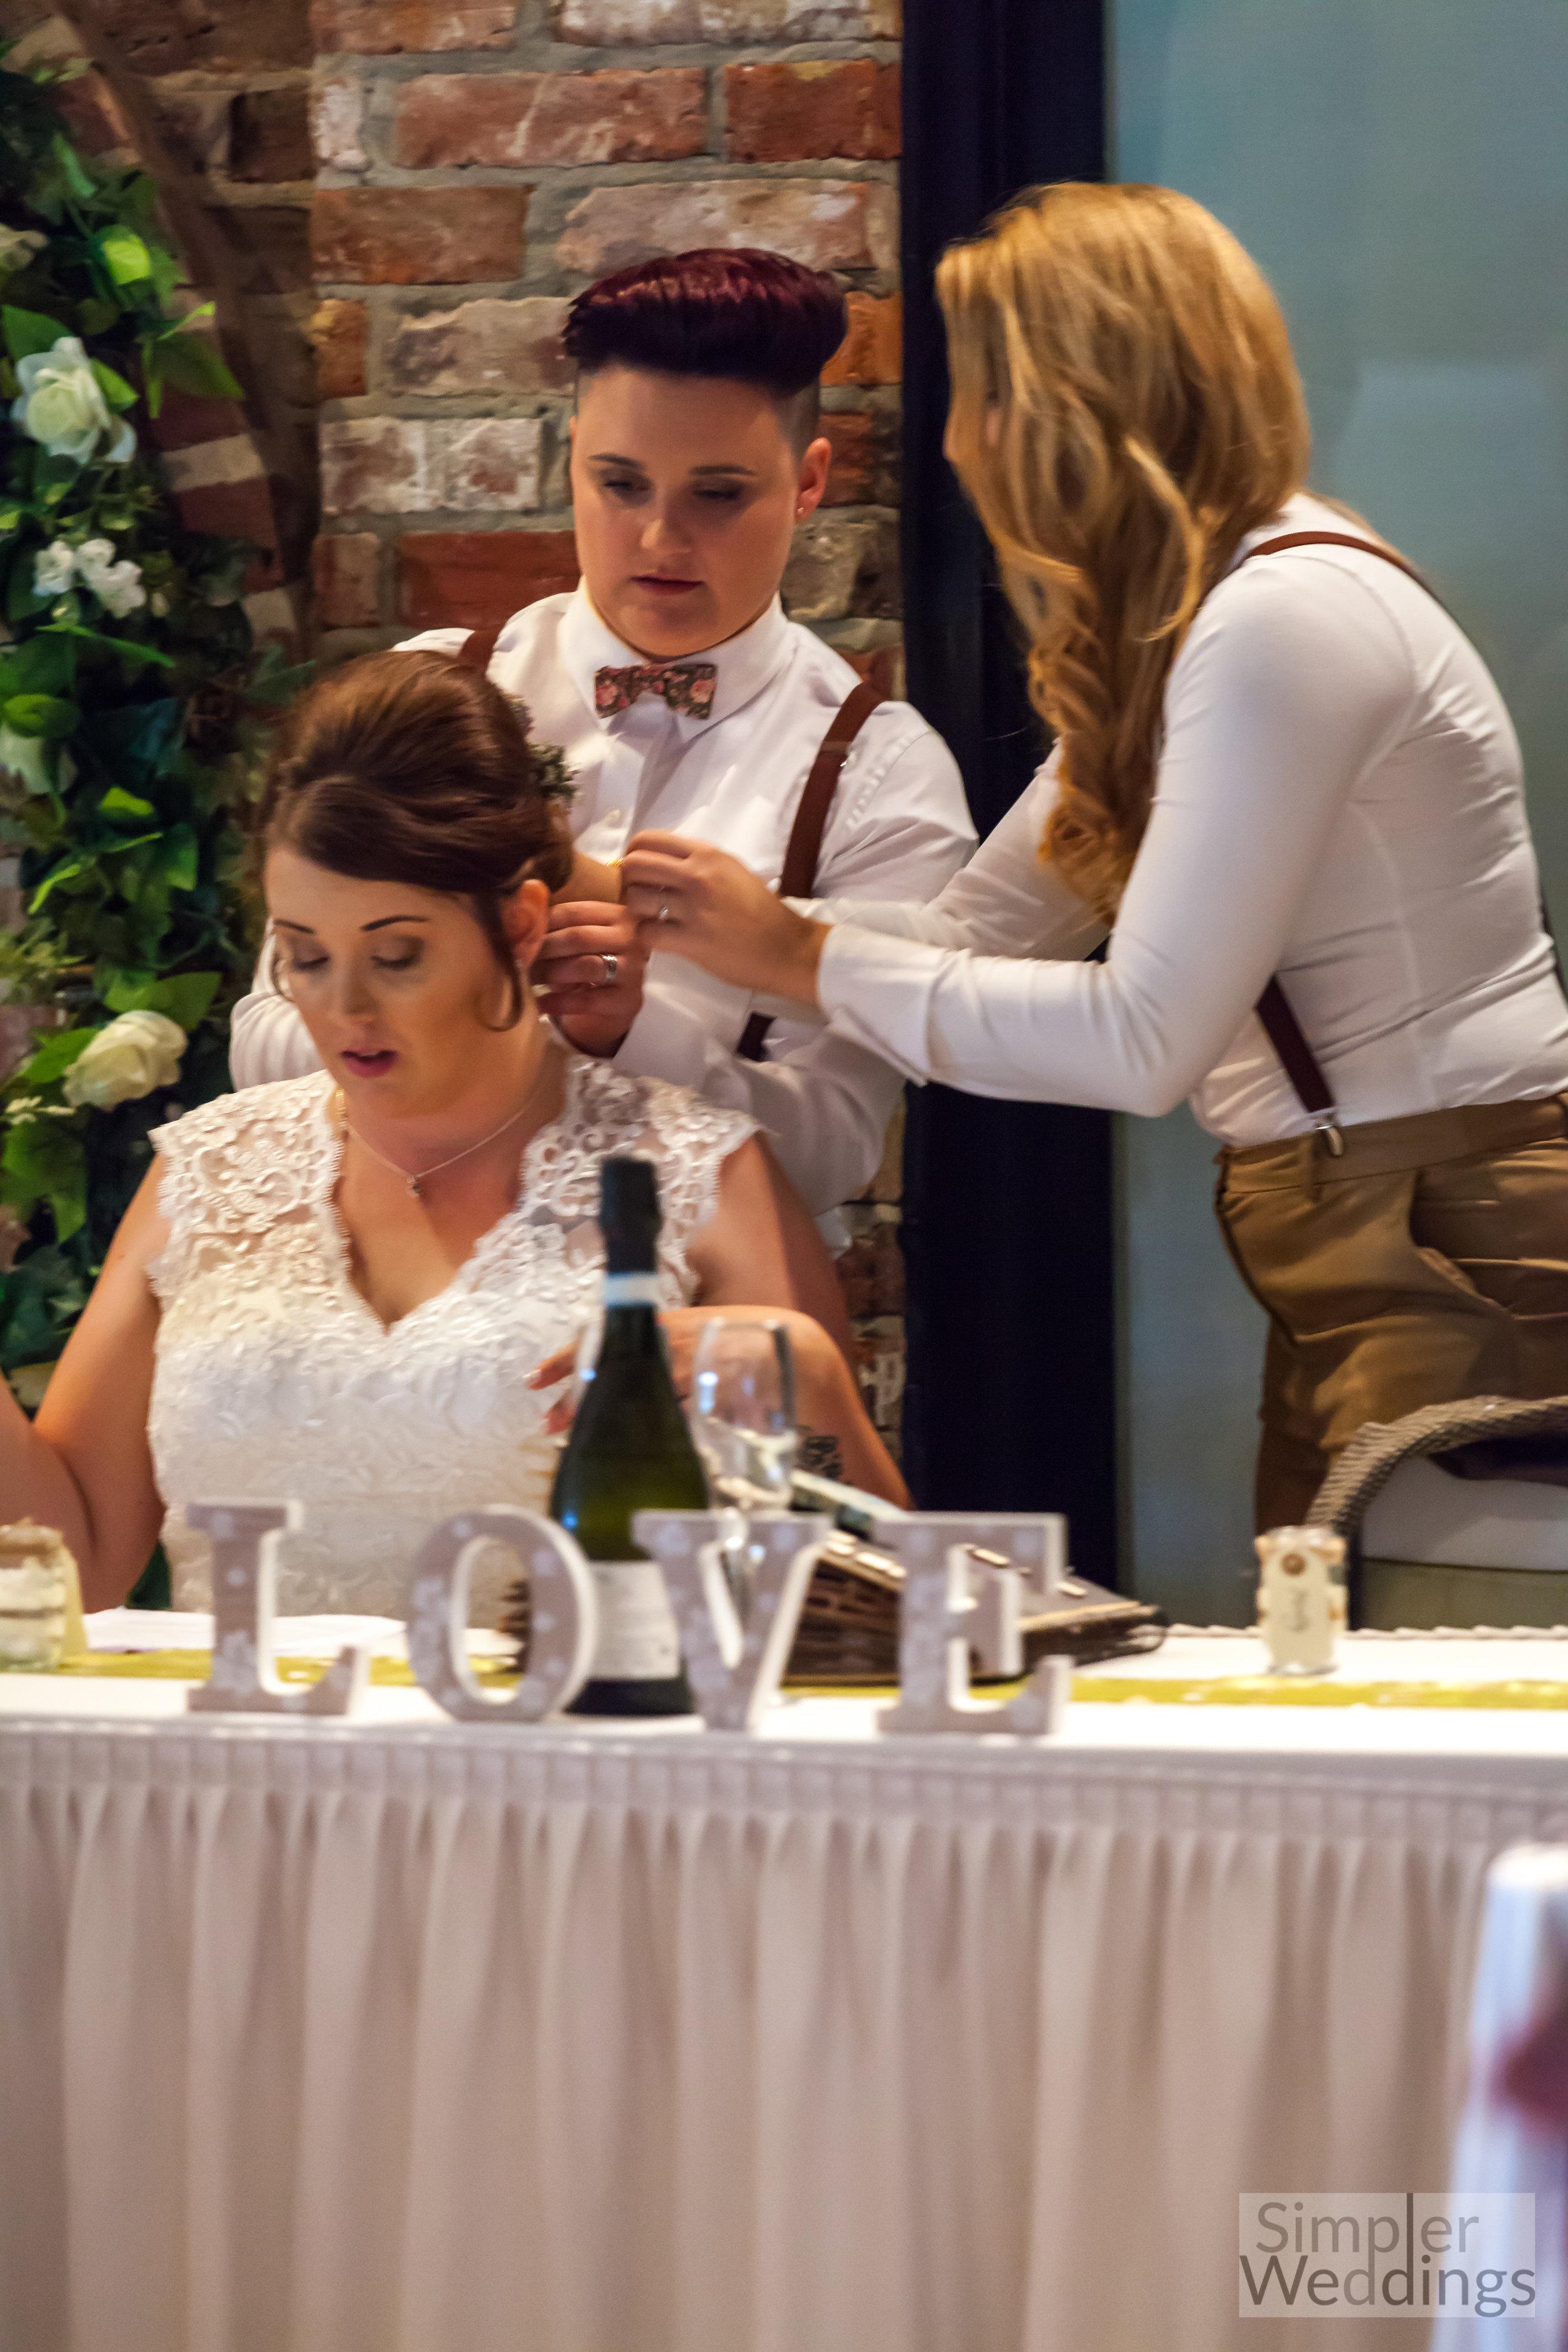 simpler-weddings-high-res-5832.jpg